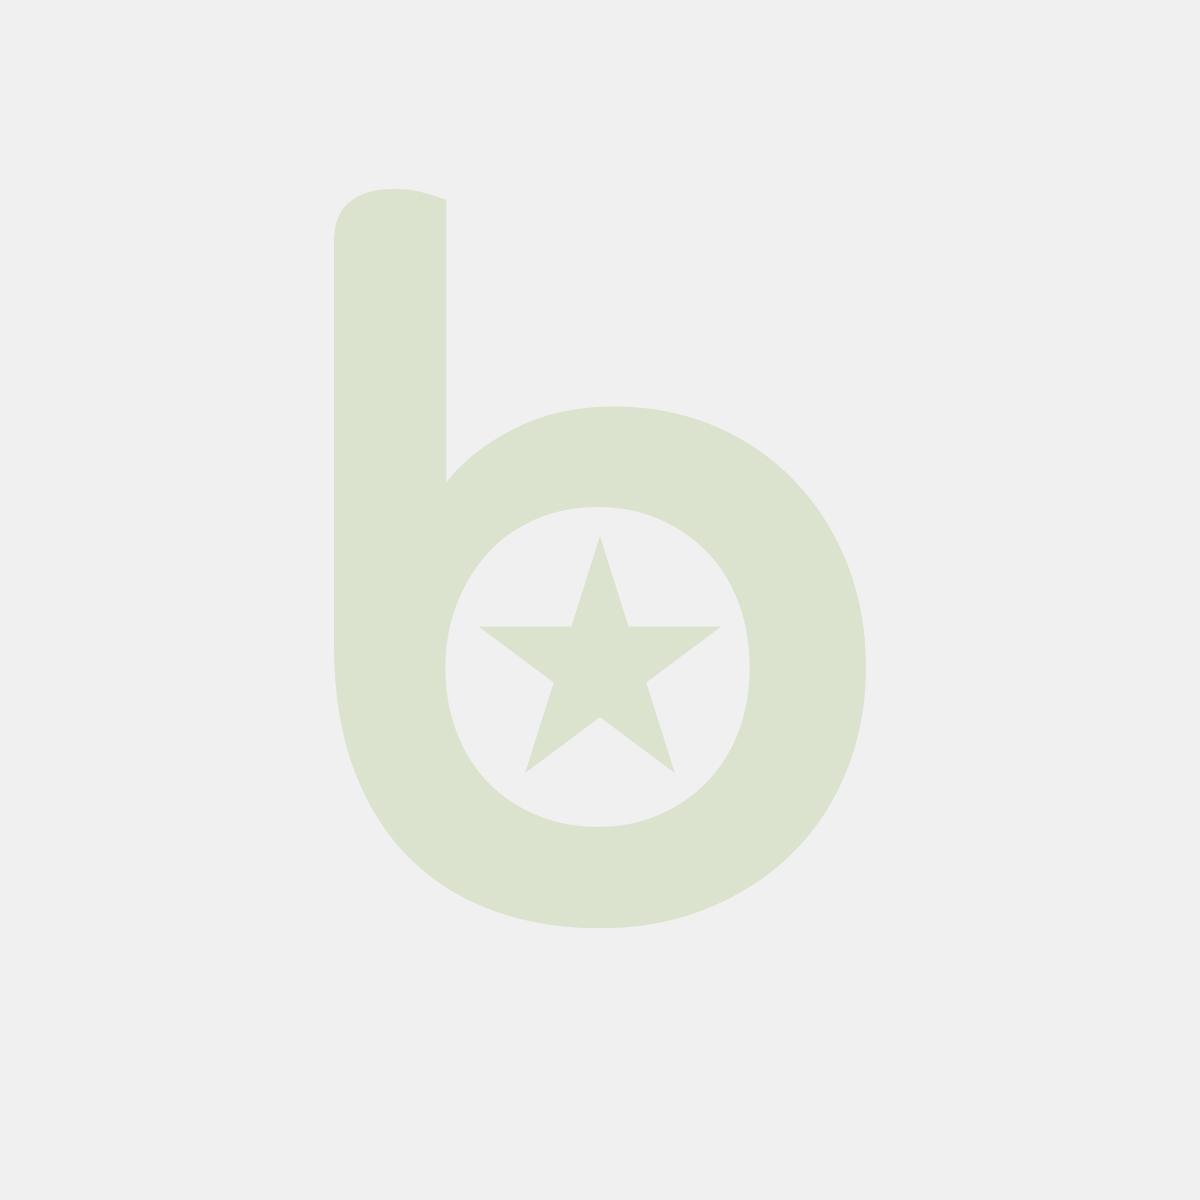 Talerzyk okrągły La Perle biały melamina fi30,5xh5,3cm